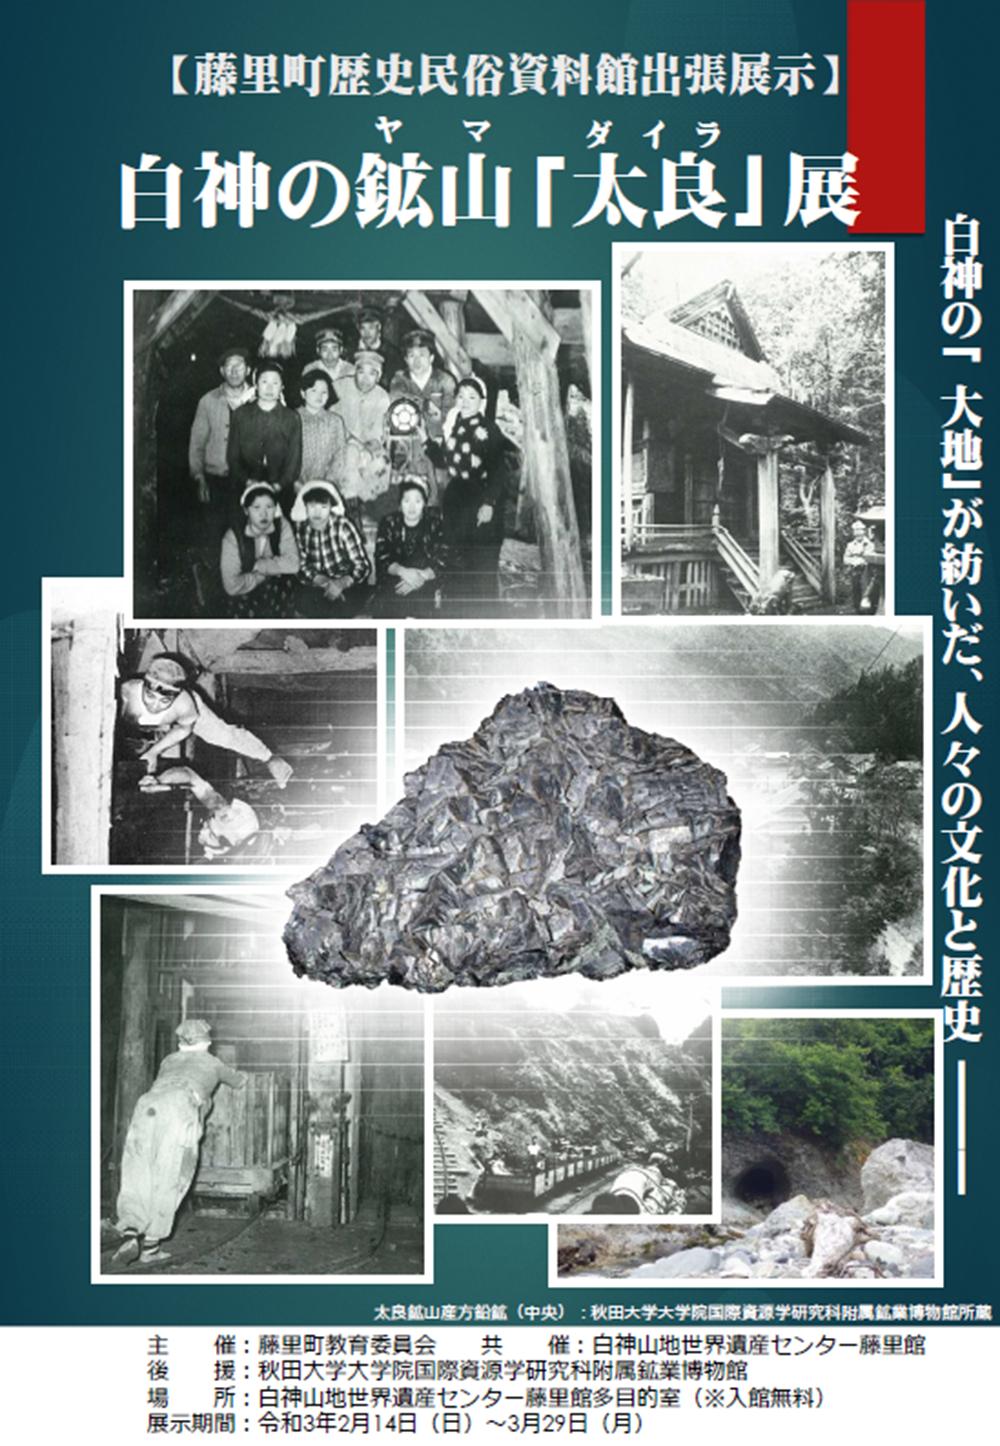 【藤里町】「白神鉱山『太良』展」Gonna be heldです!